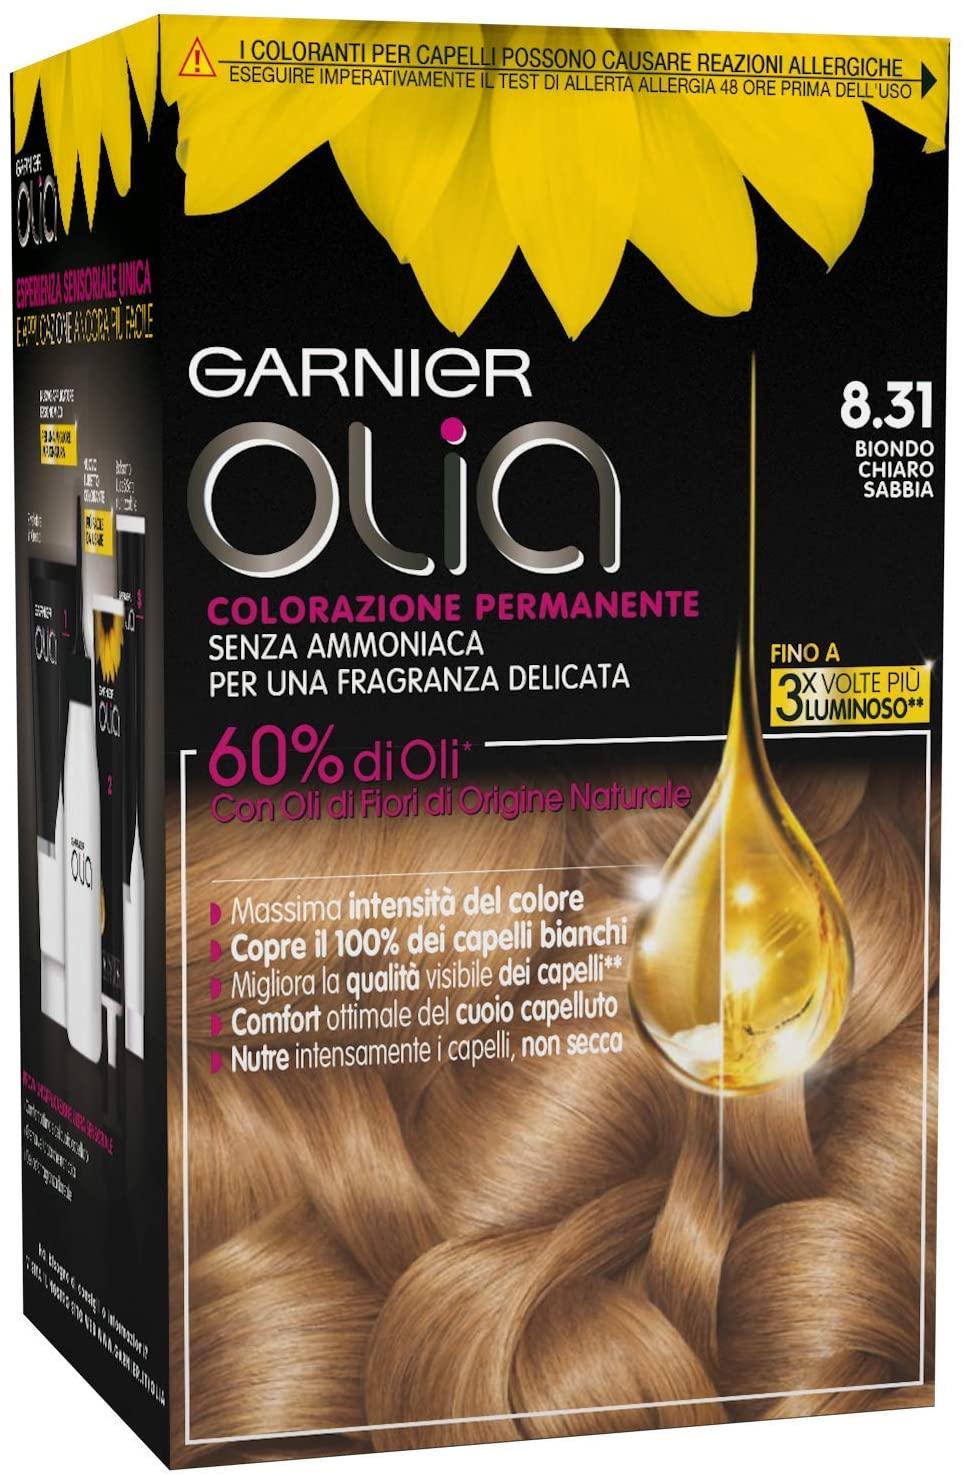 Garnier Olia Colorazione Permanente Senza Ammoniaca, Migliora la Qualità dei Capelli, Copre i Capelli Bianchi, 8.31 Biondo Chiaro Sabbia